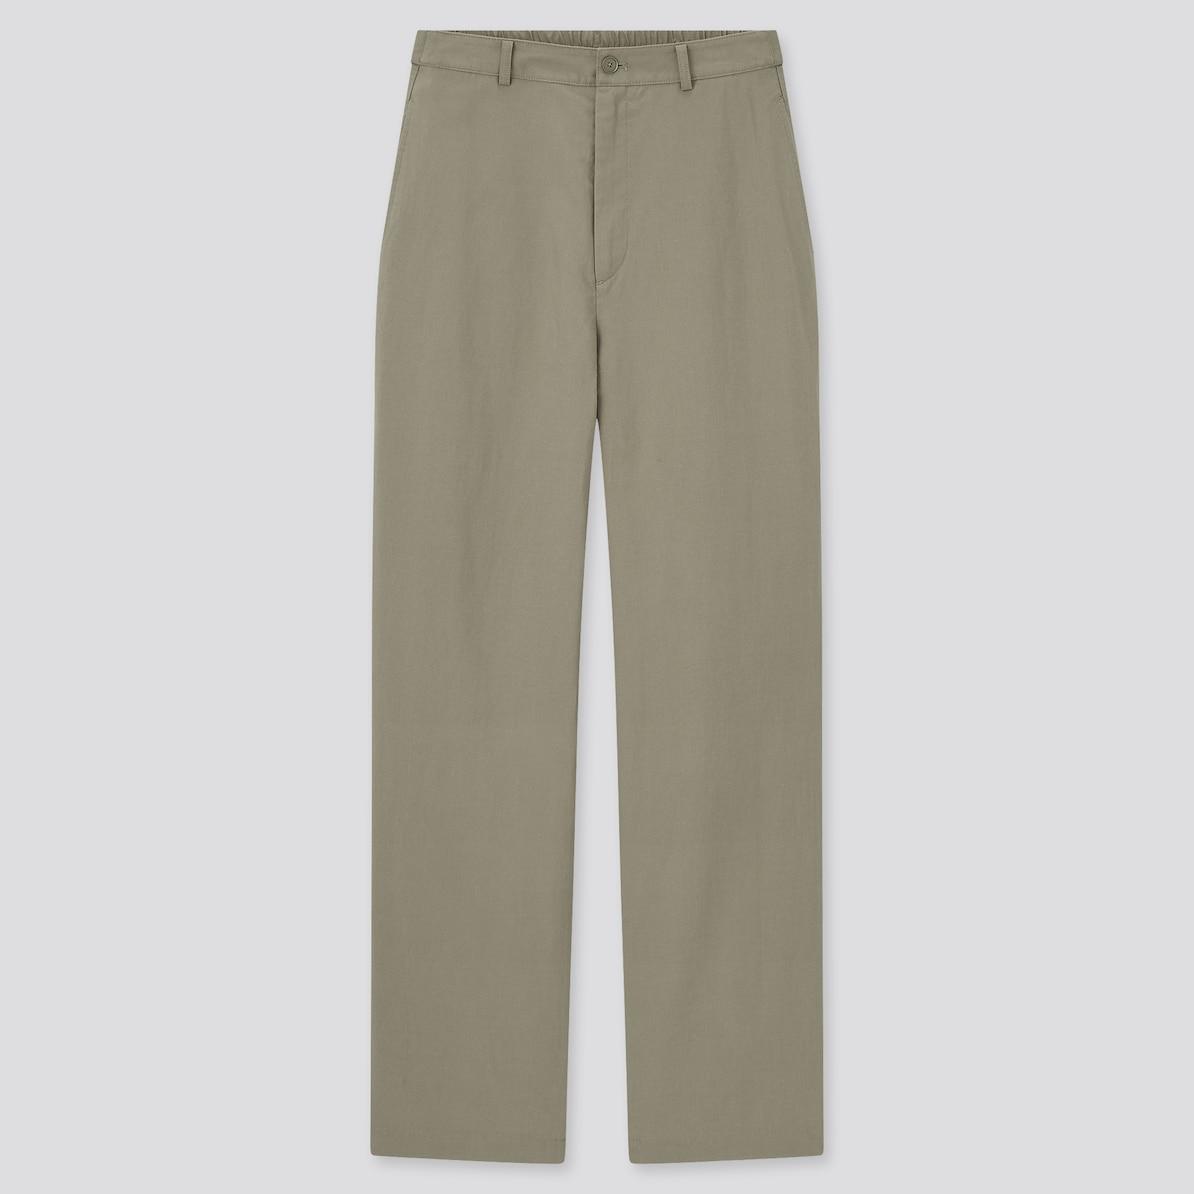 リラックス パンツ ユニクロ ストレート 【ユニクロ】ウエストゴムなのにスタイルアップできれい見えする5つのパンツ